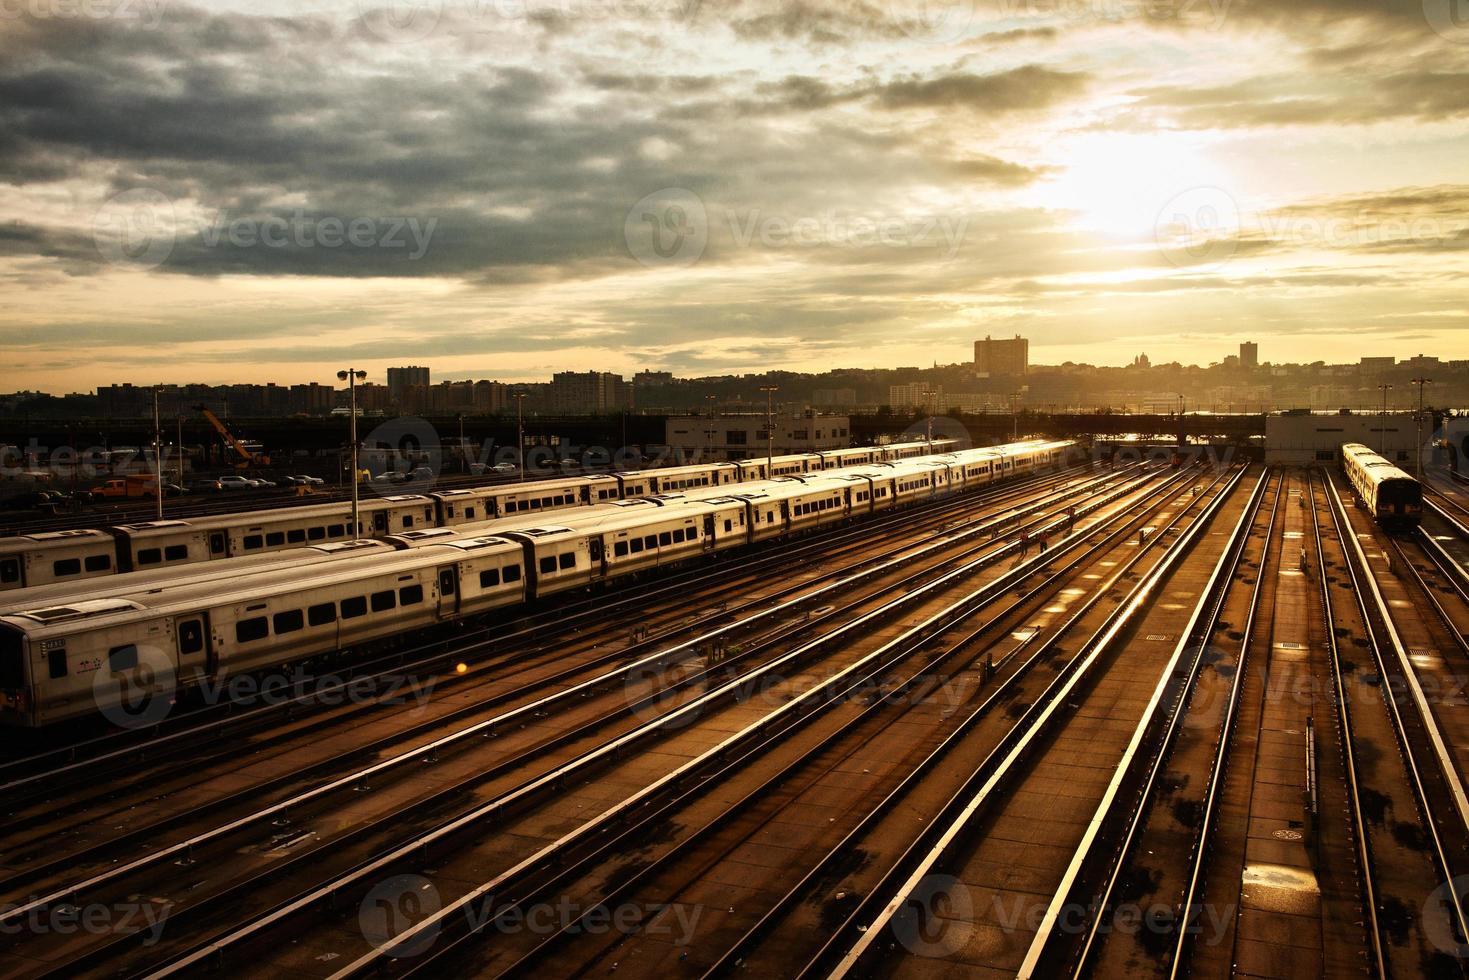 Bahnhof mit Zug unter Sonnenuntergang foto